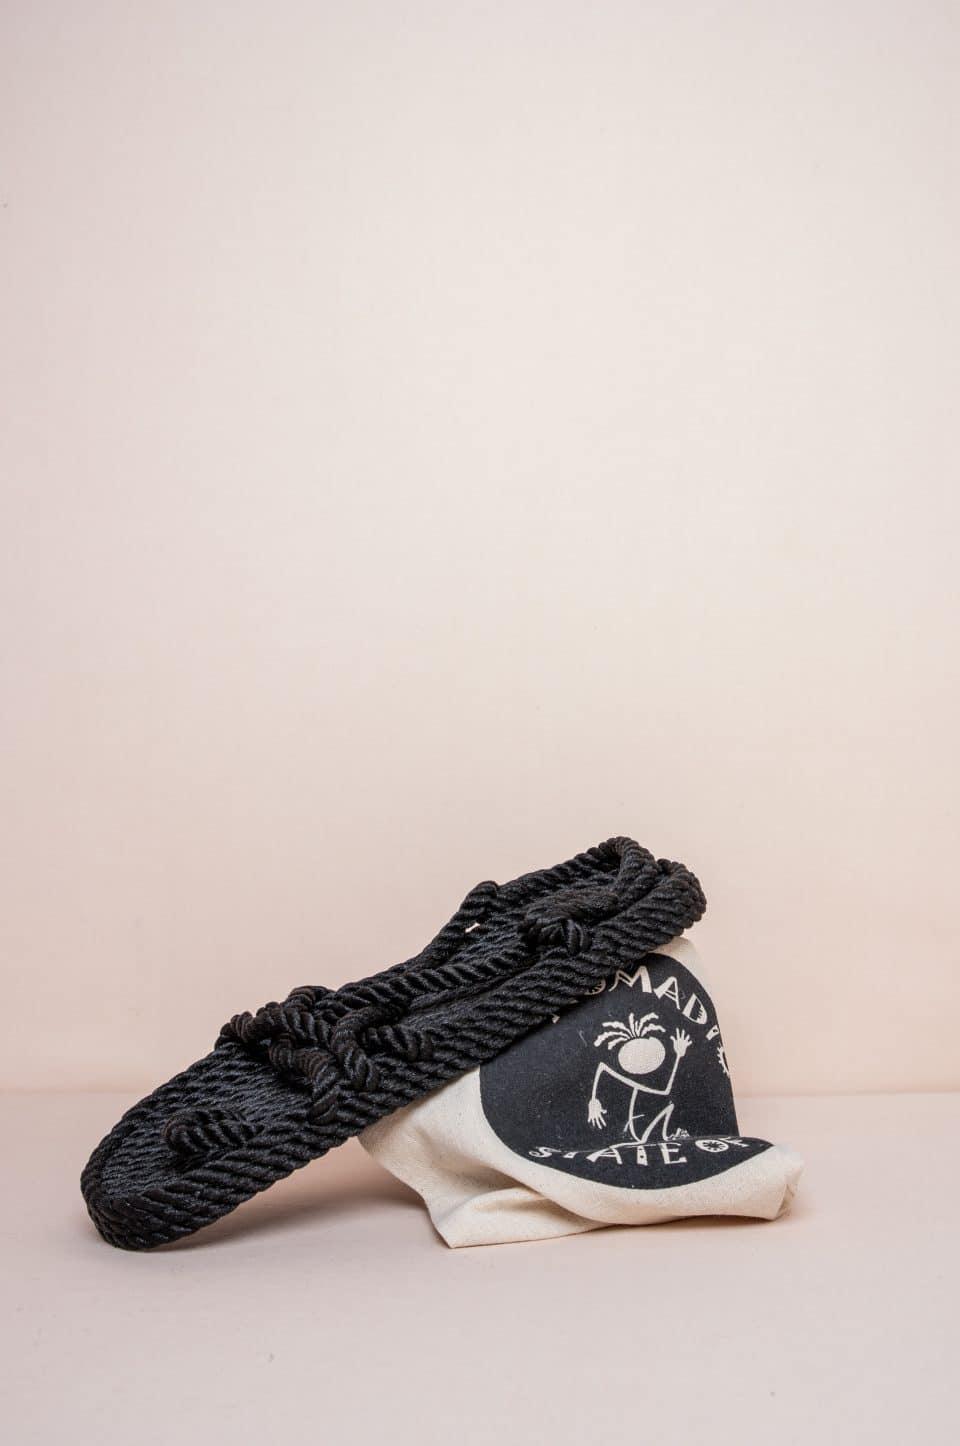 Toe Joe Black Alpargatas en Loyna Shoes